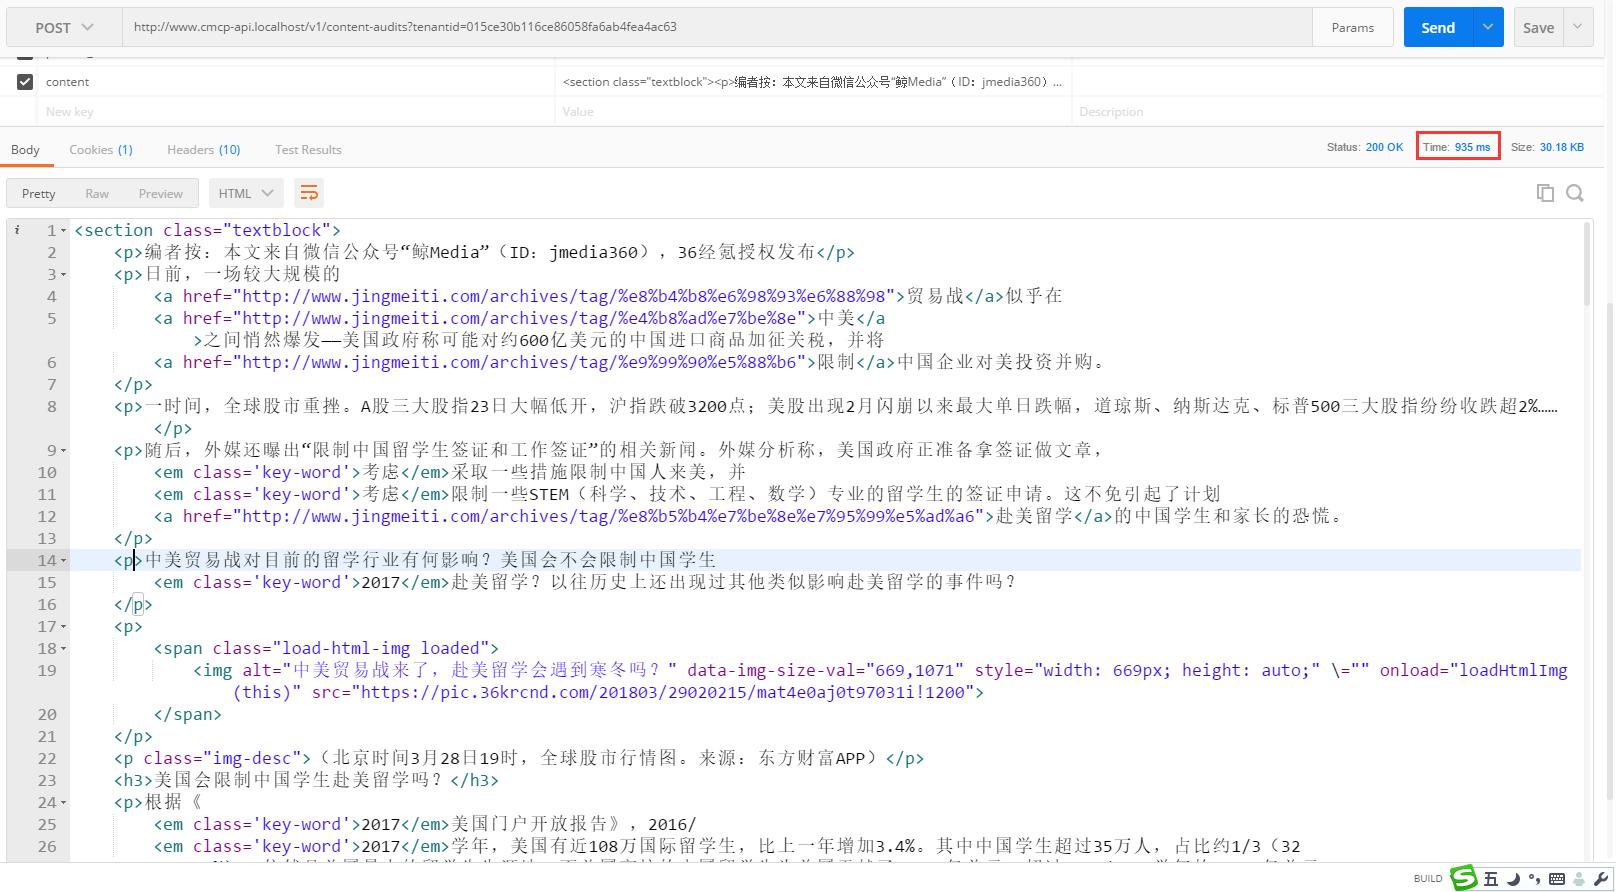 测试 html 富文本,其长度为包含中文 10000 字以上,本地环境响应时间在 1000 ms 以内,可以接受,生产环境可以优化